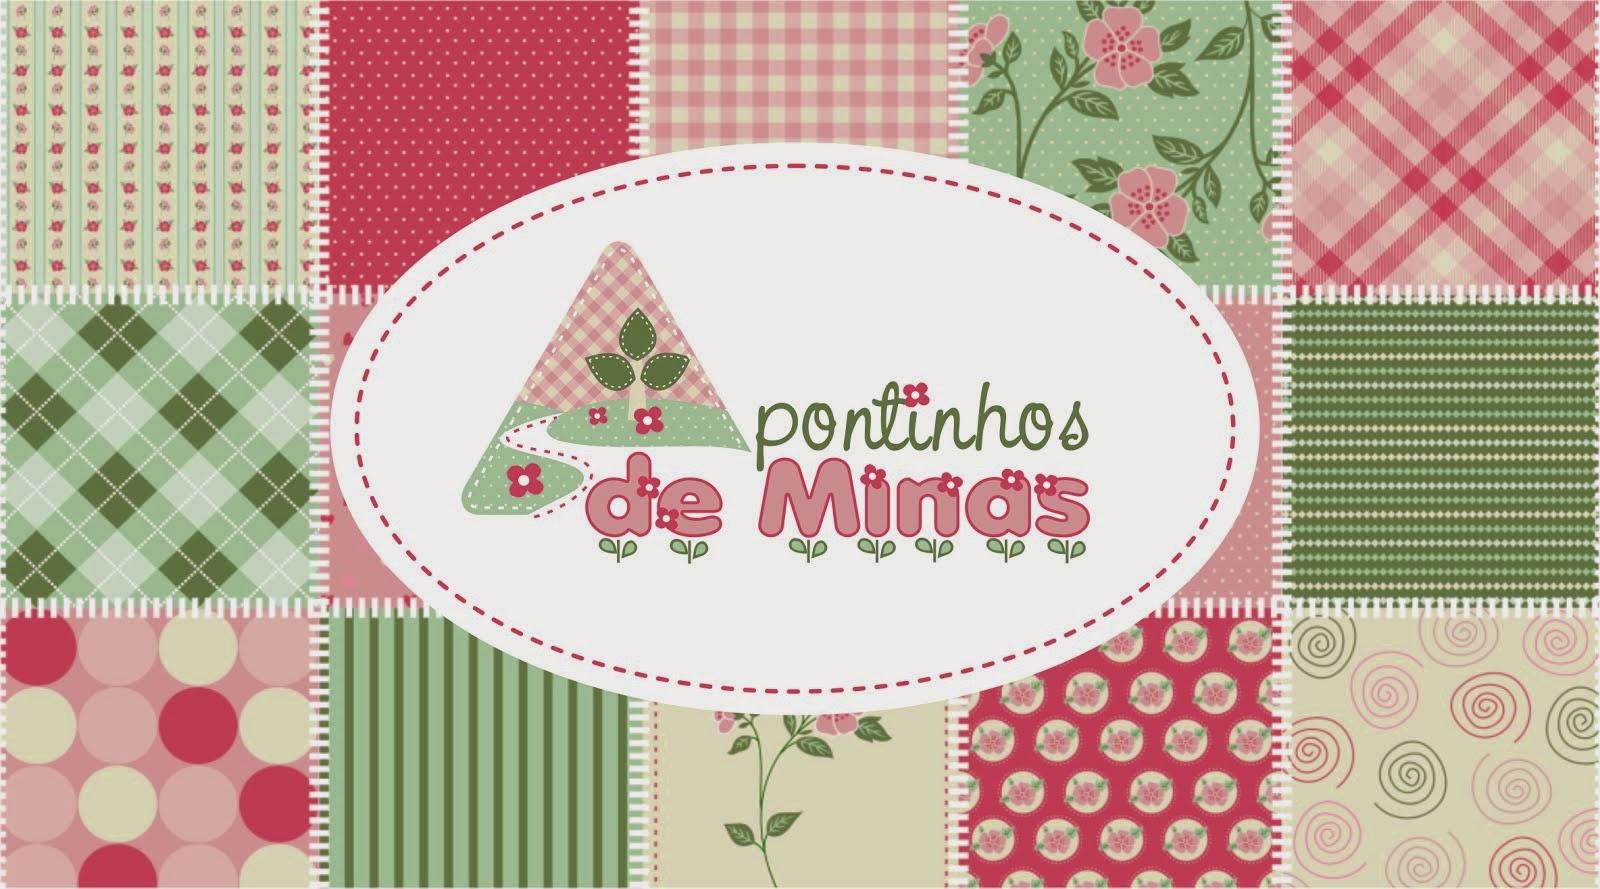 Pontinhos de Minas